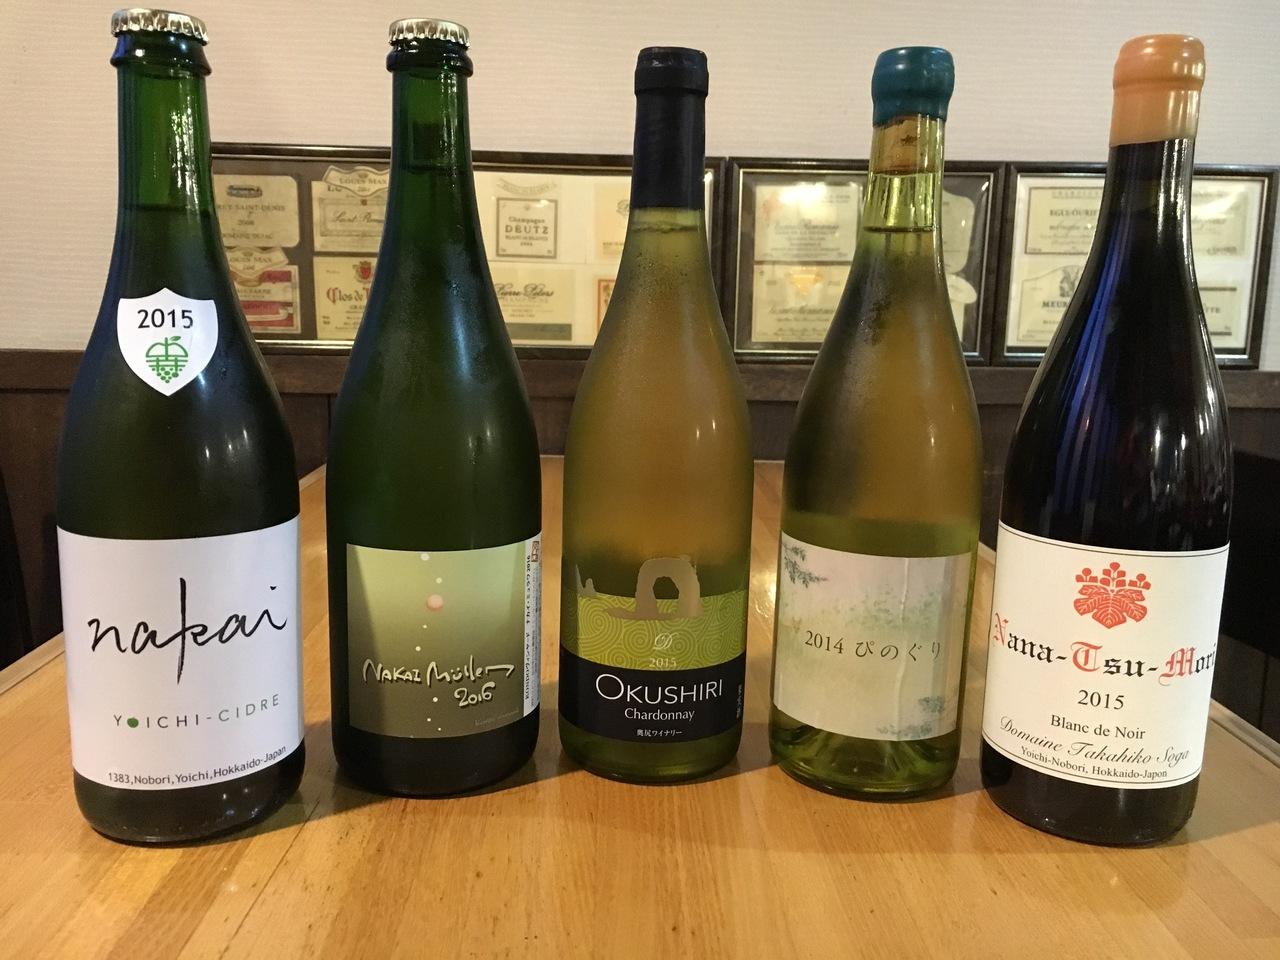 白とオレンジワイン 国産ワイン会 北10条西4レサン (7/15) 札幌